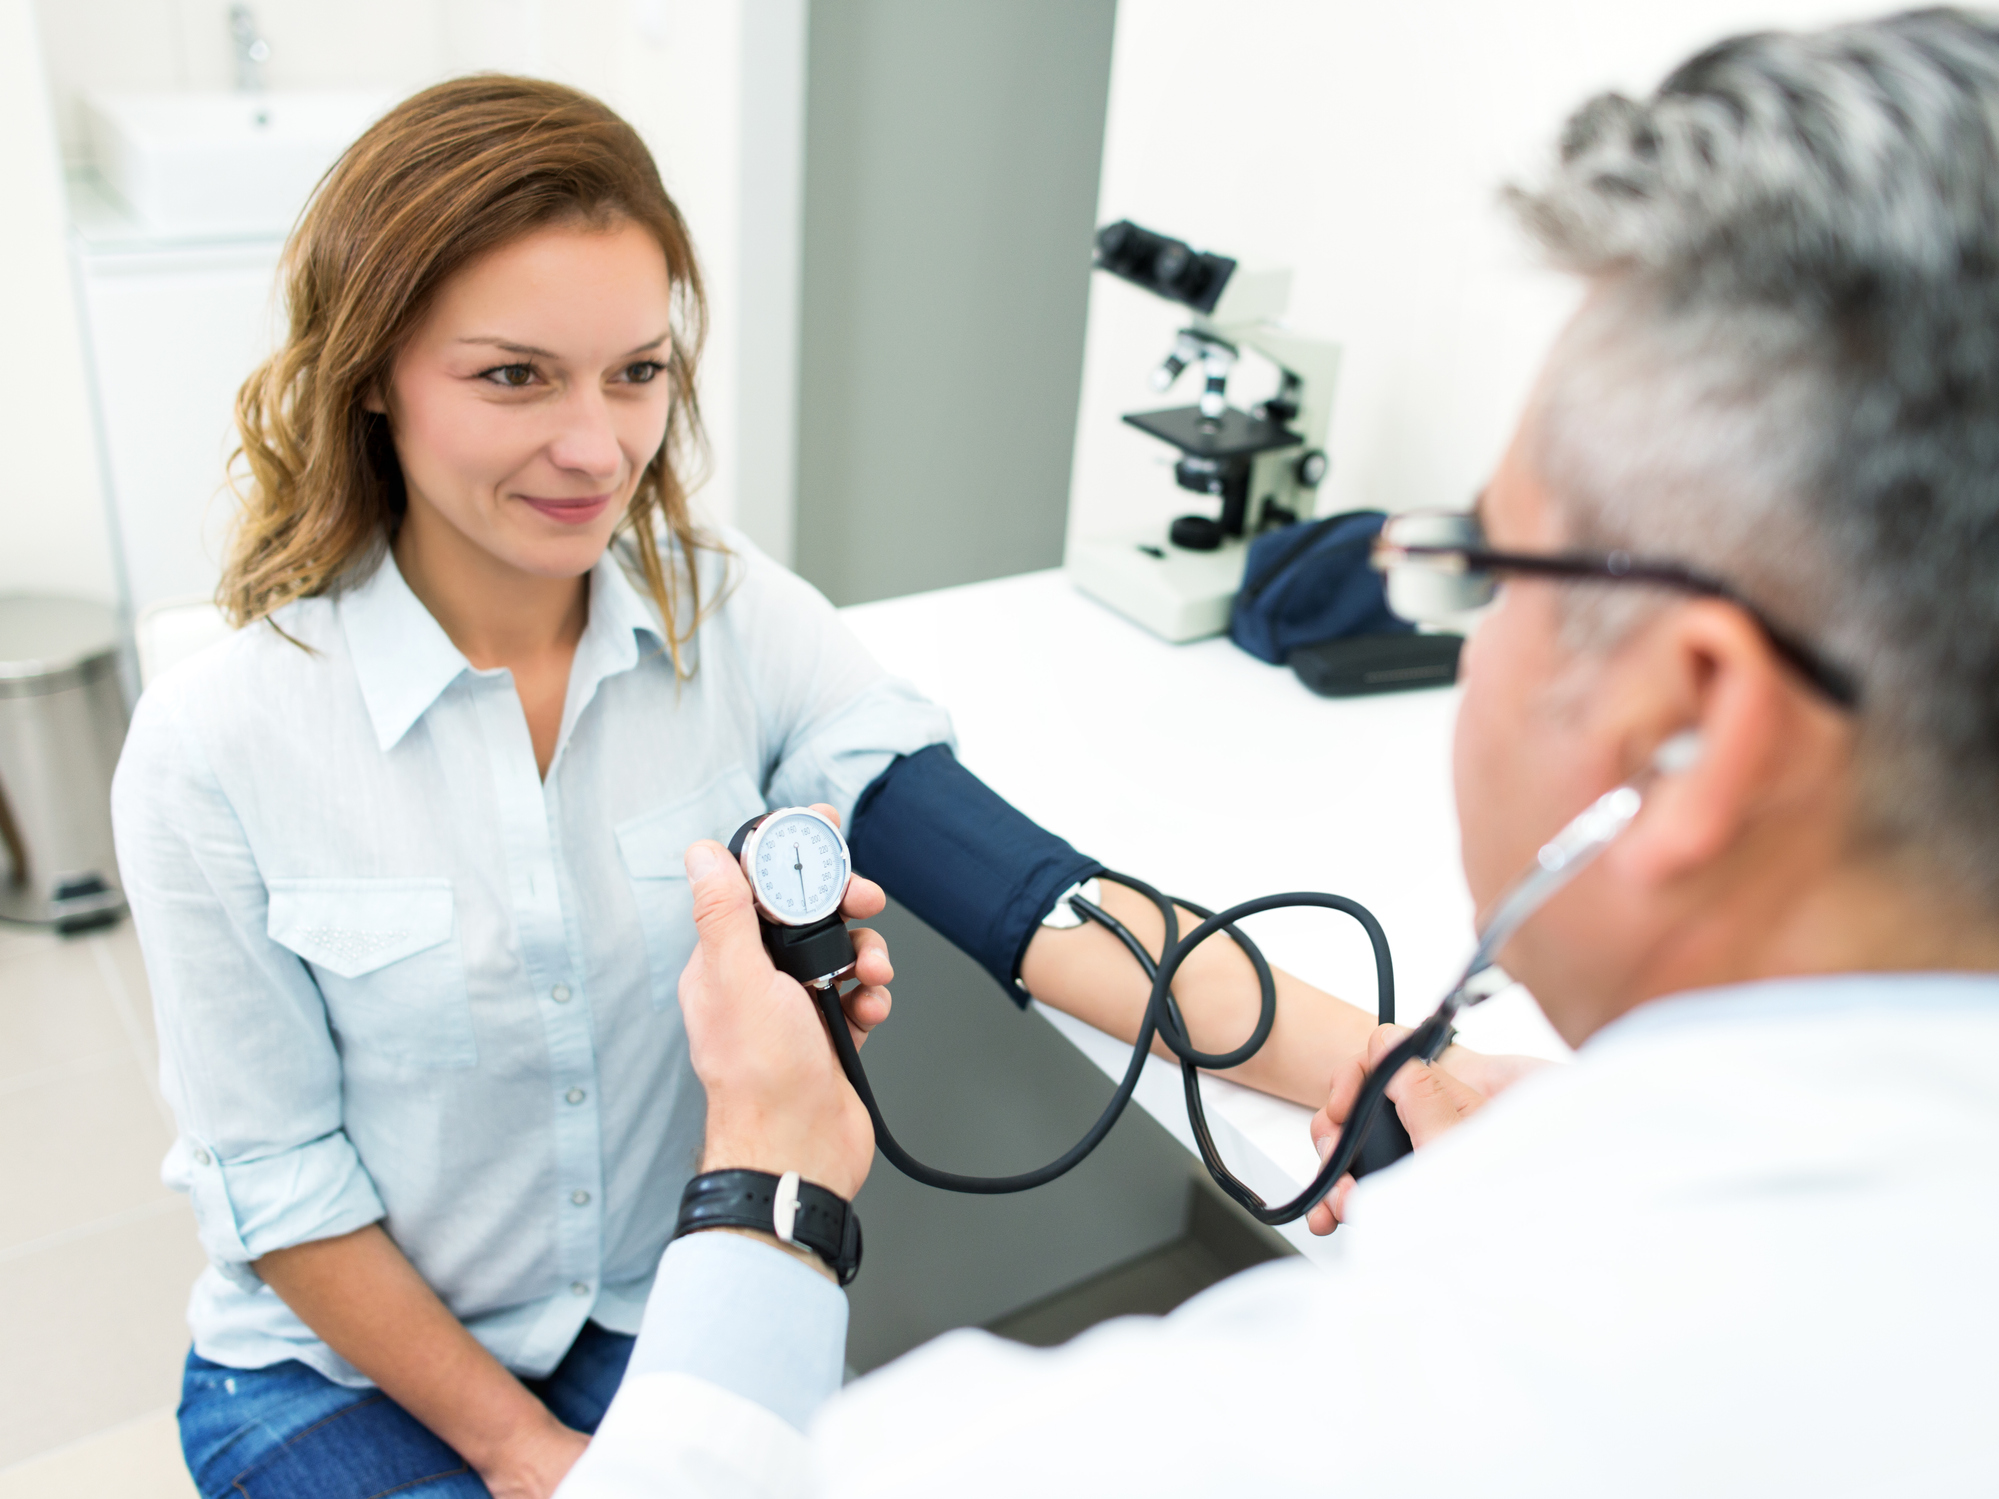 prosztata hipertónia magas vérnyomás vesebetegségekben